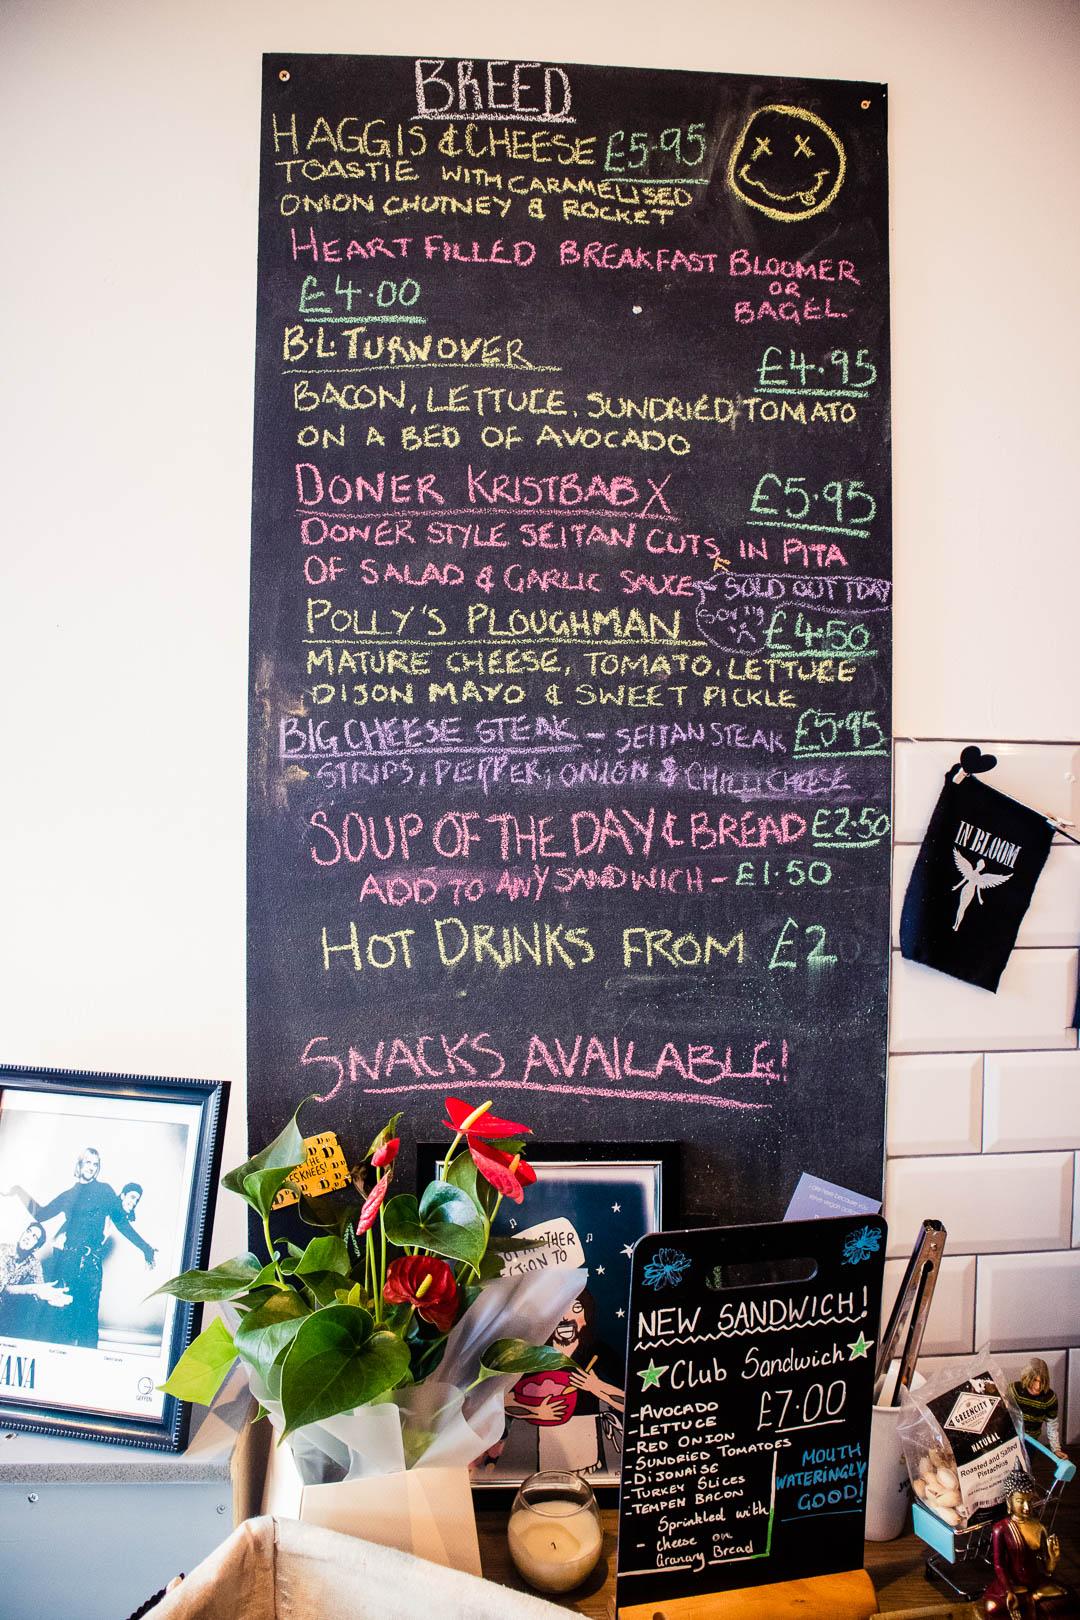 The menu at In Bloom Glasgow is written on a blackboard.